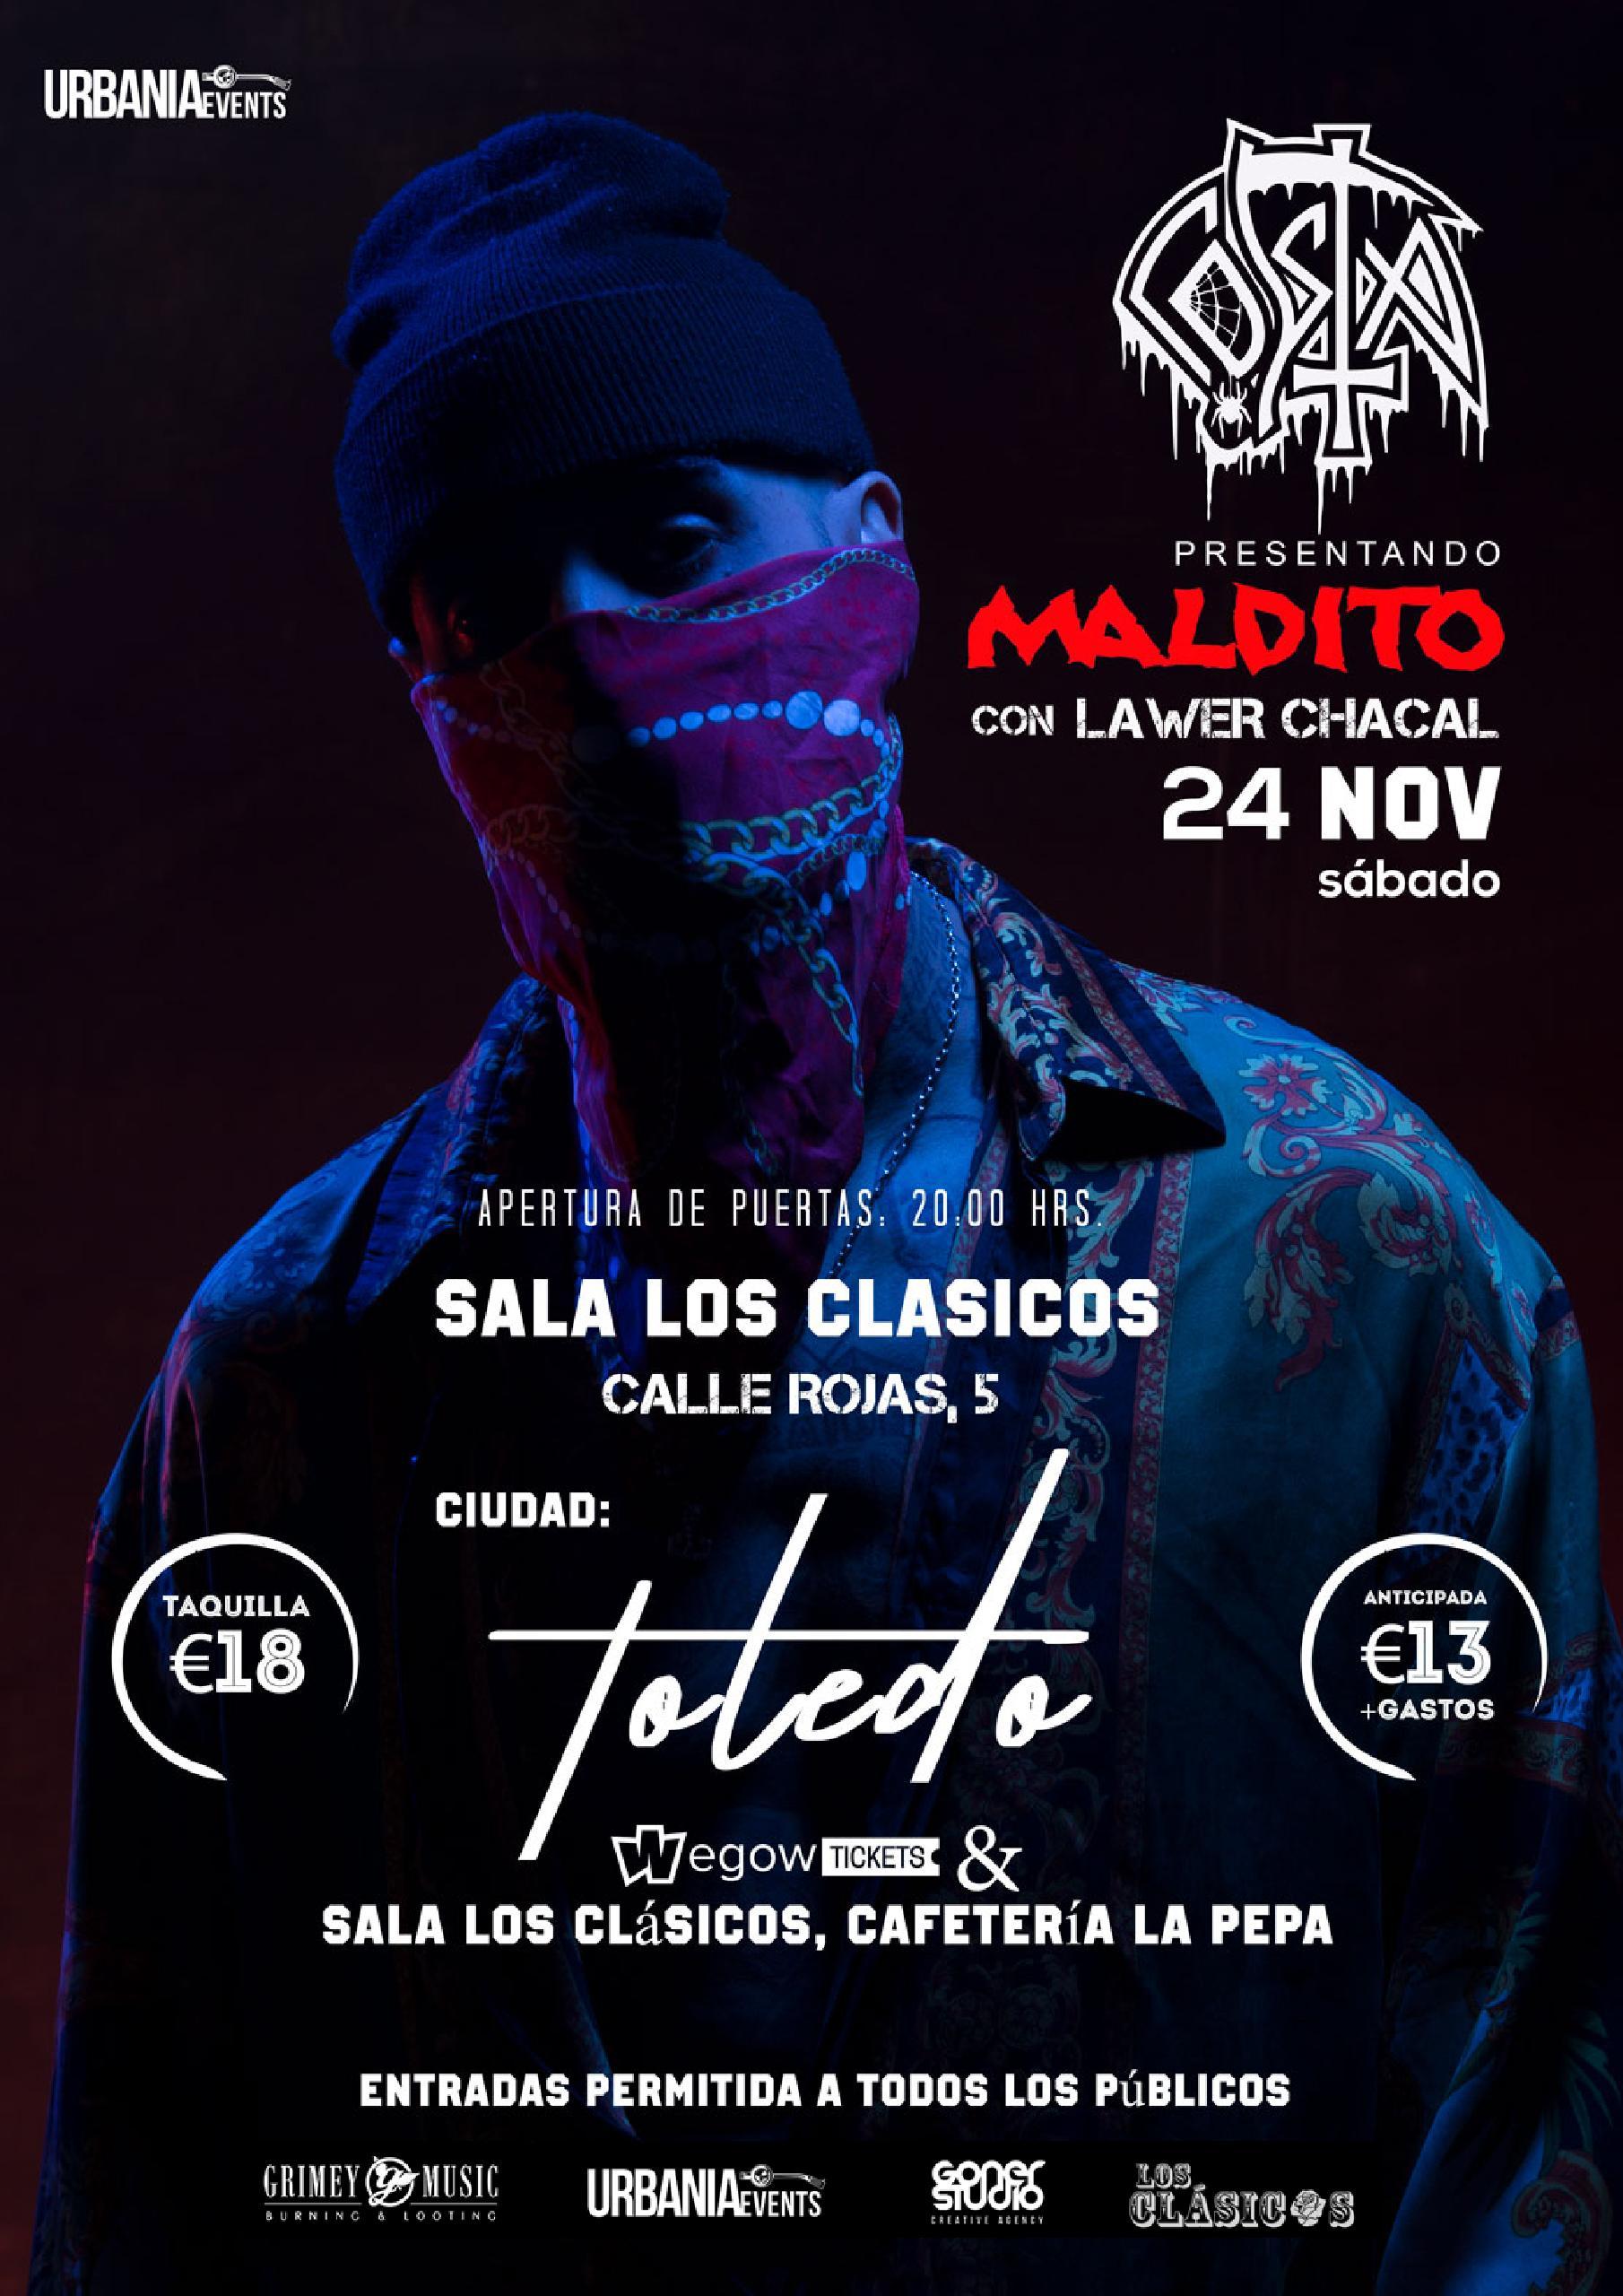 Concierto de Costa en la Sala Los Clásicos de Toledo